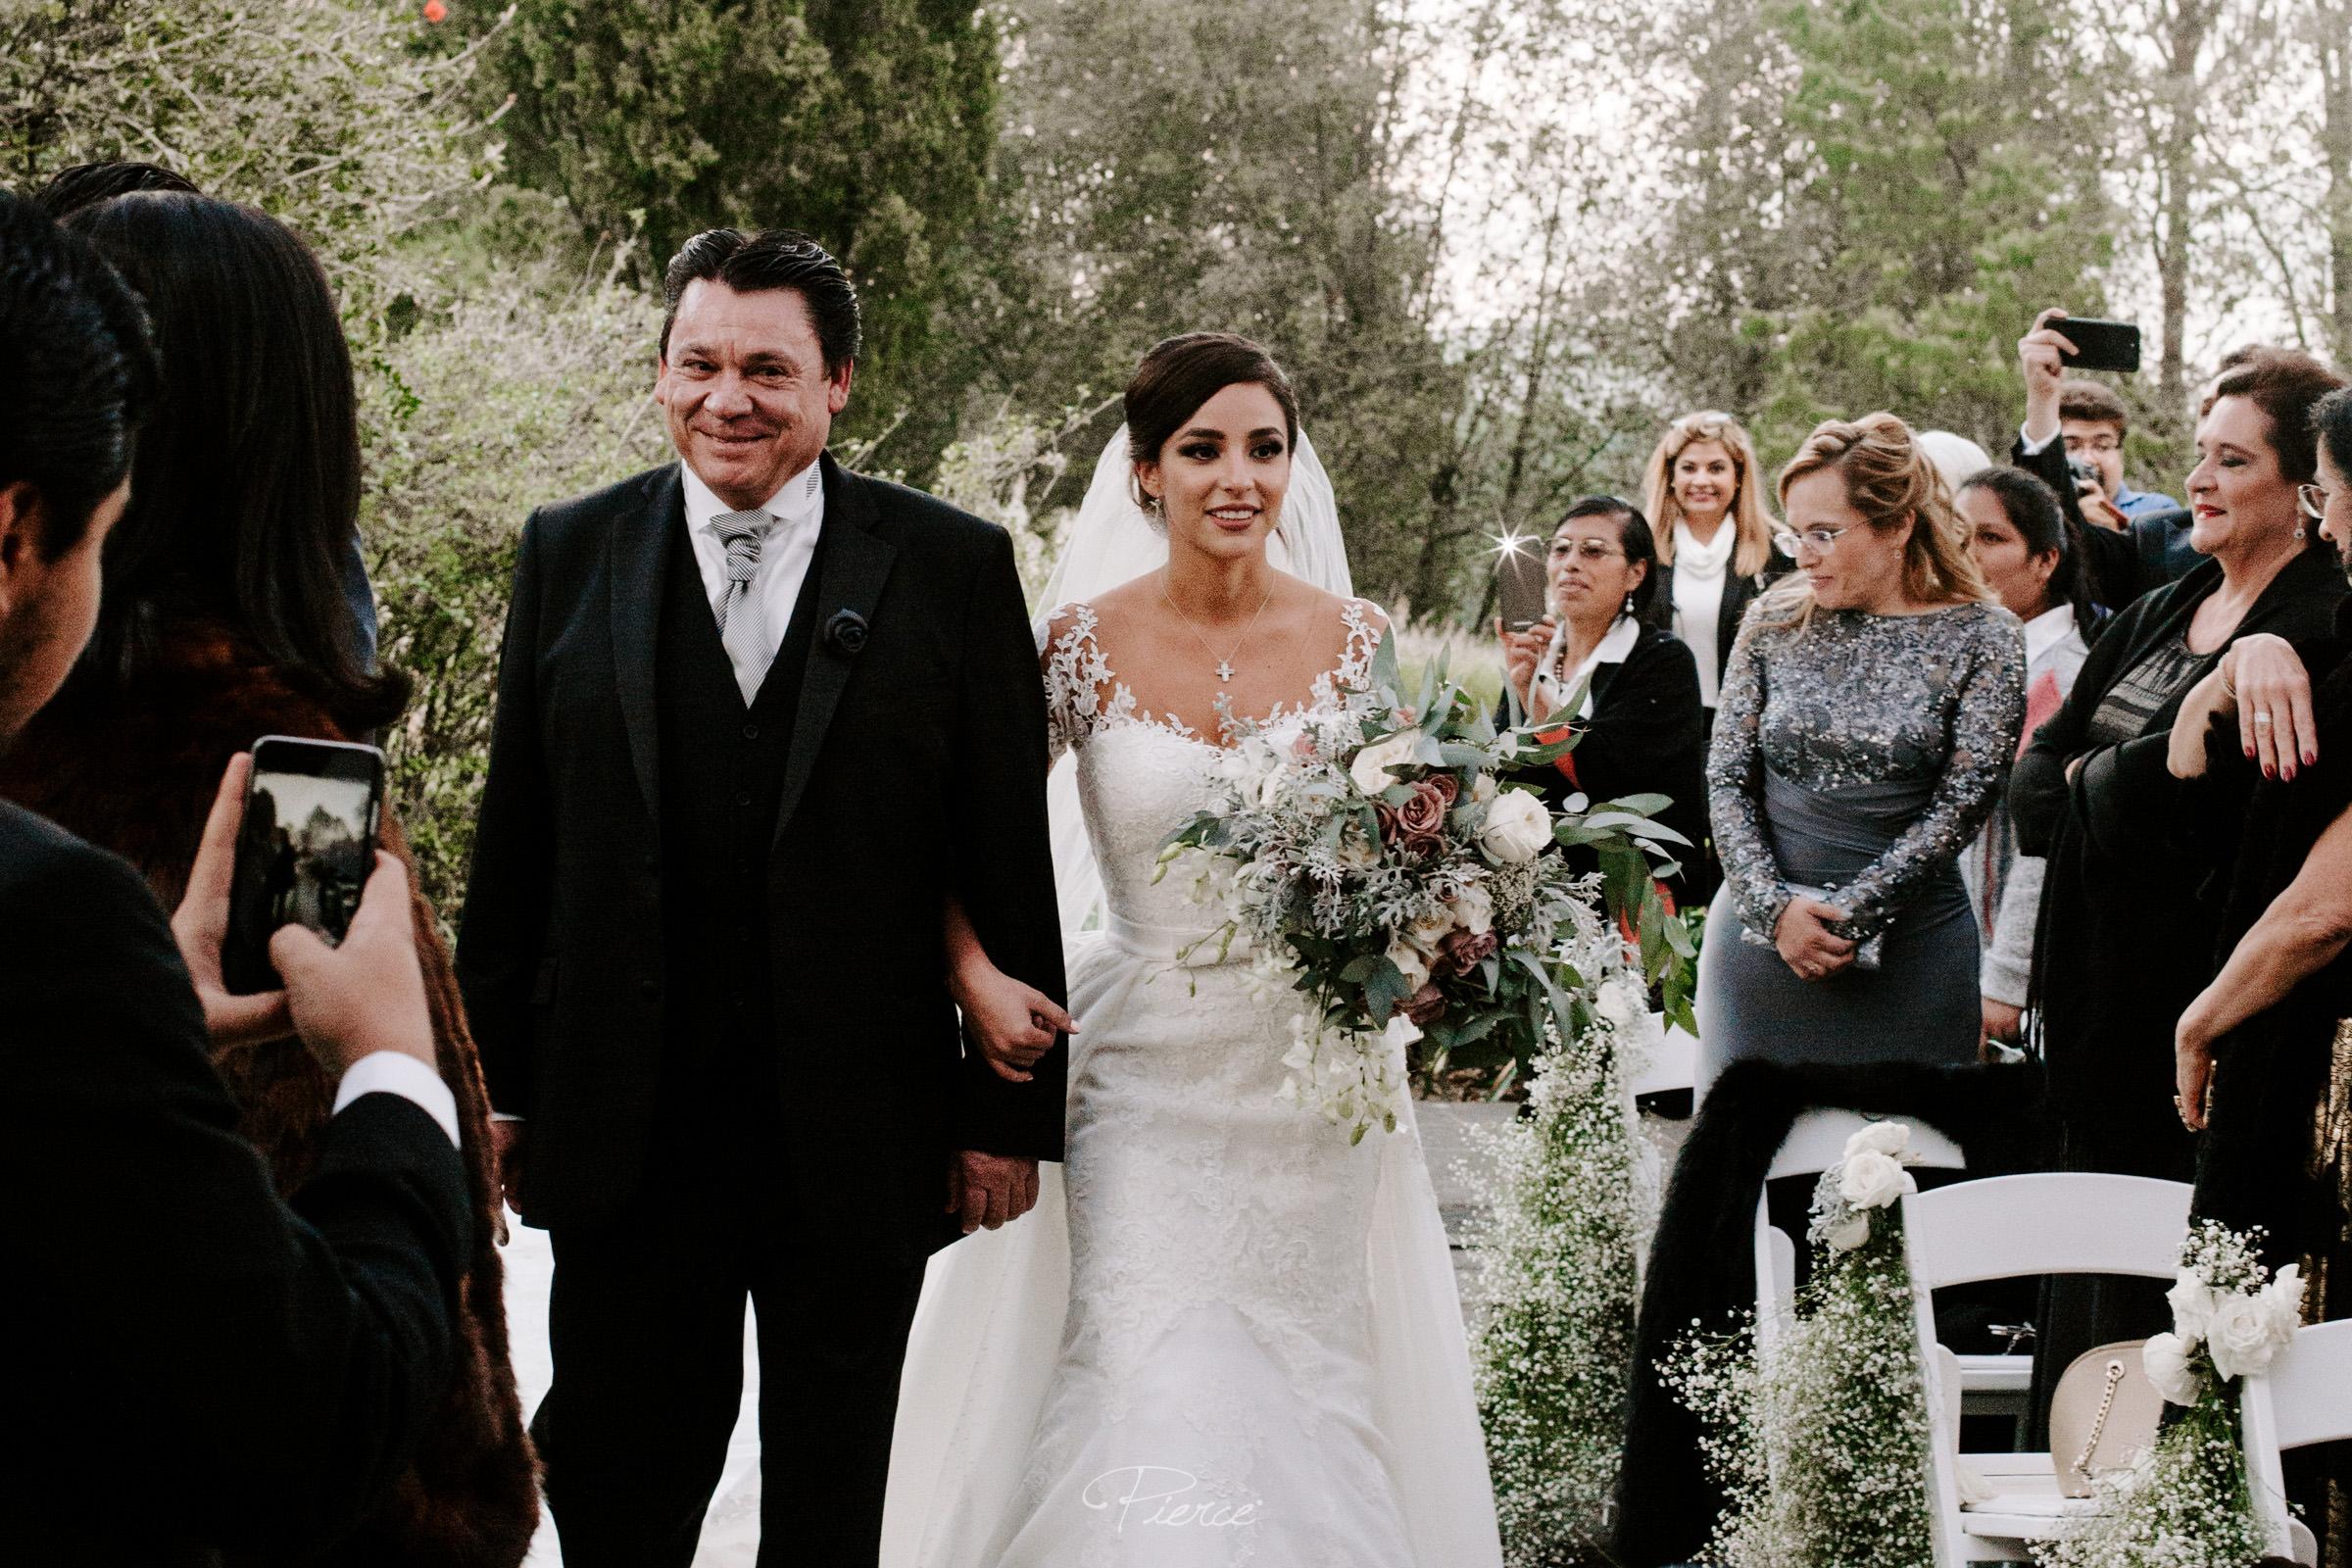 fotografia-de-boda-valle-de-bravo-mexico-rosmarino-pierce-weddings-0073.JPG